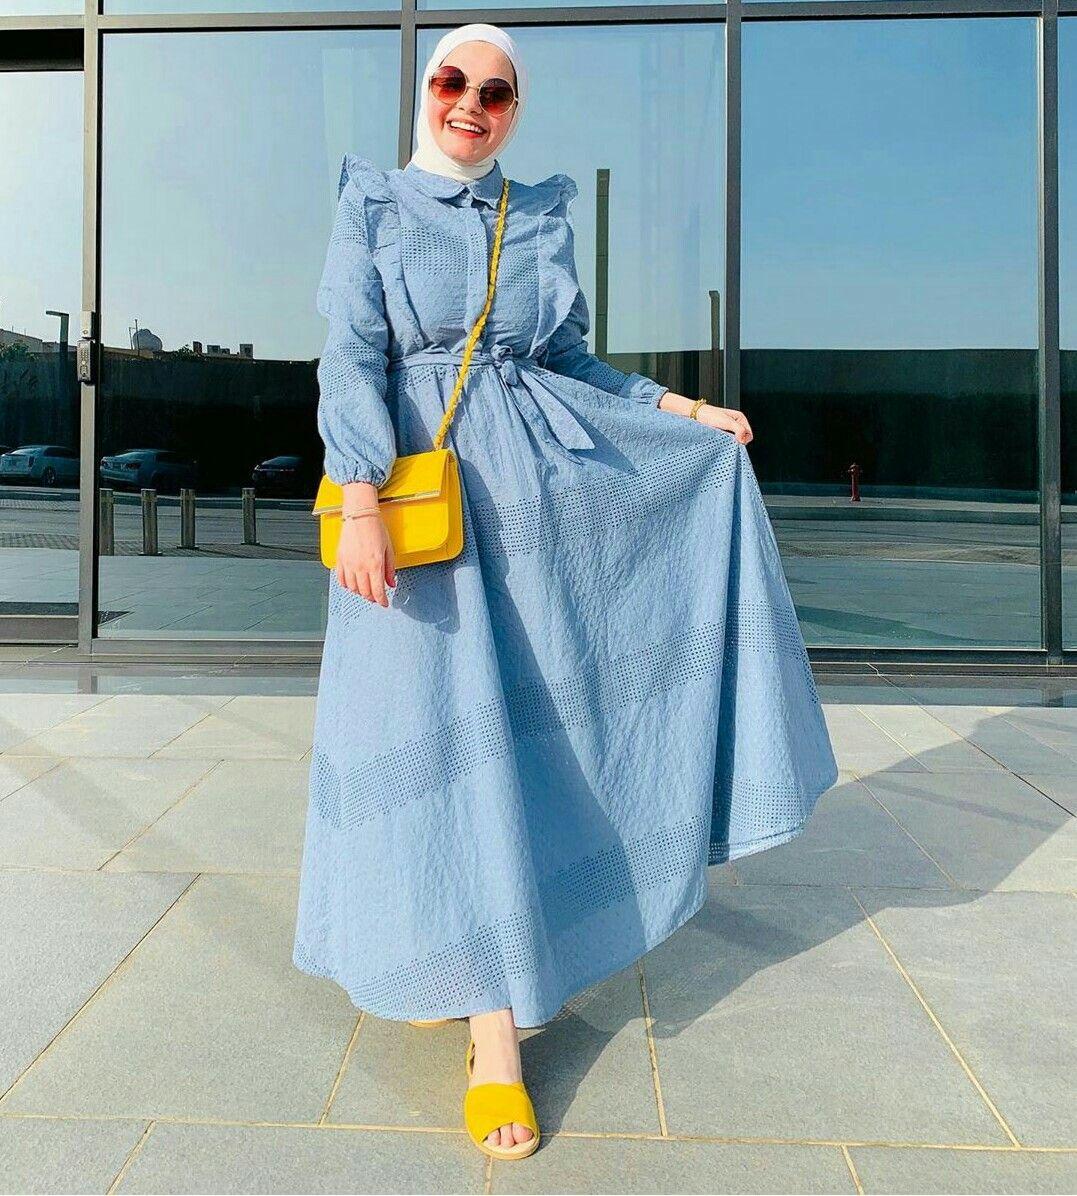 Hijab Fashion Muslim Women Hijab Fashion ملابس محجبات جيبات فساتين لبس كل يوم كاجوال عباية بناتي Fashion Fashion Dresses Style